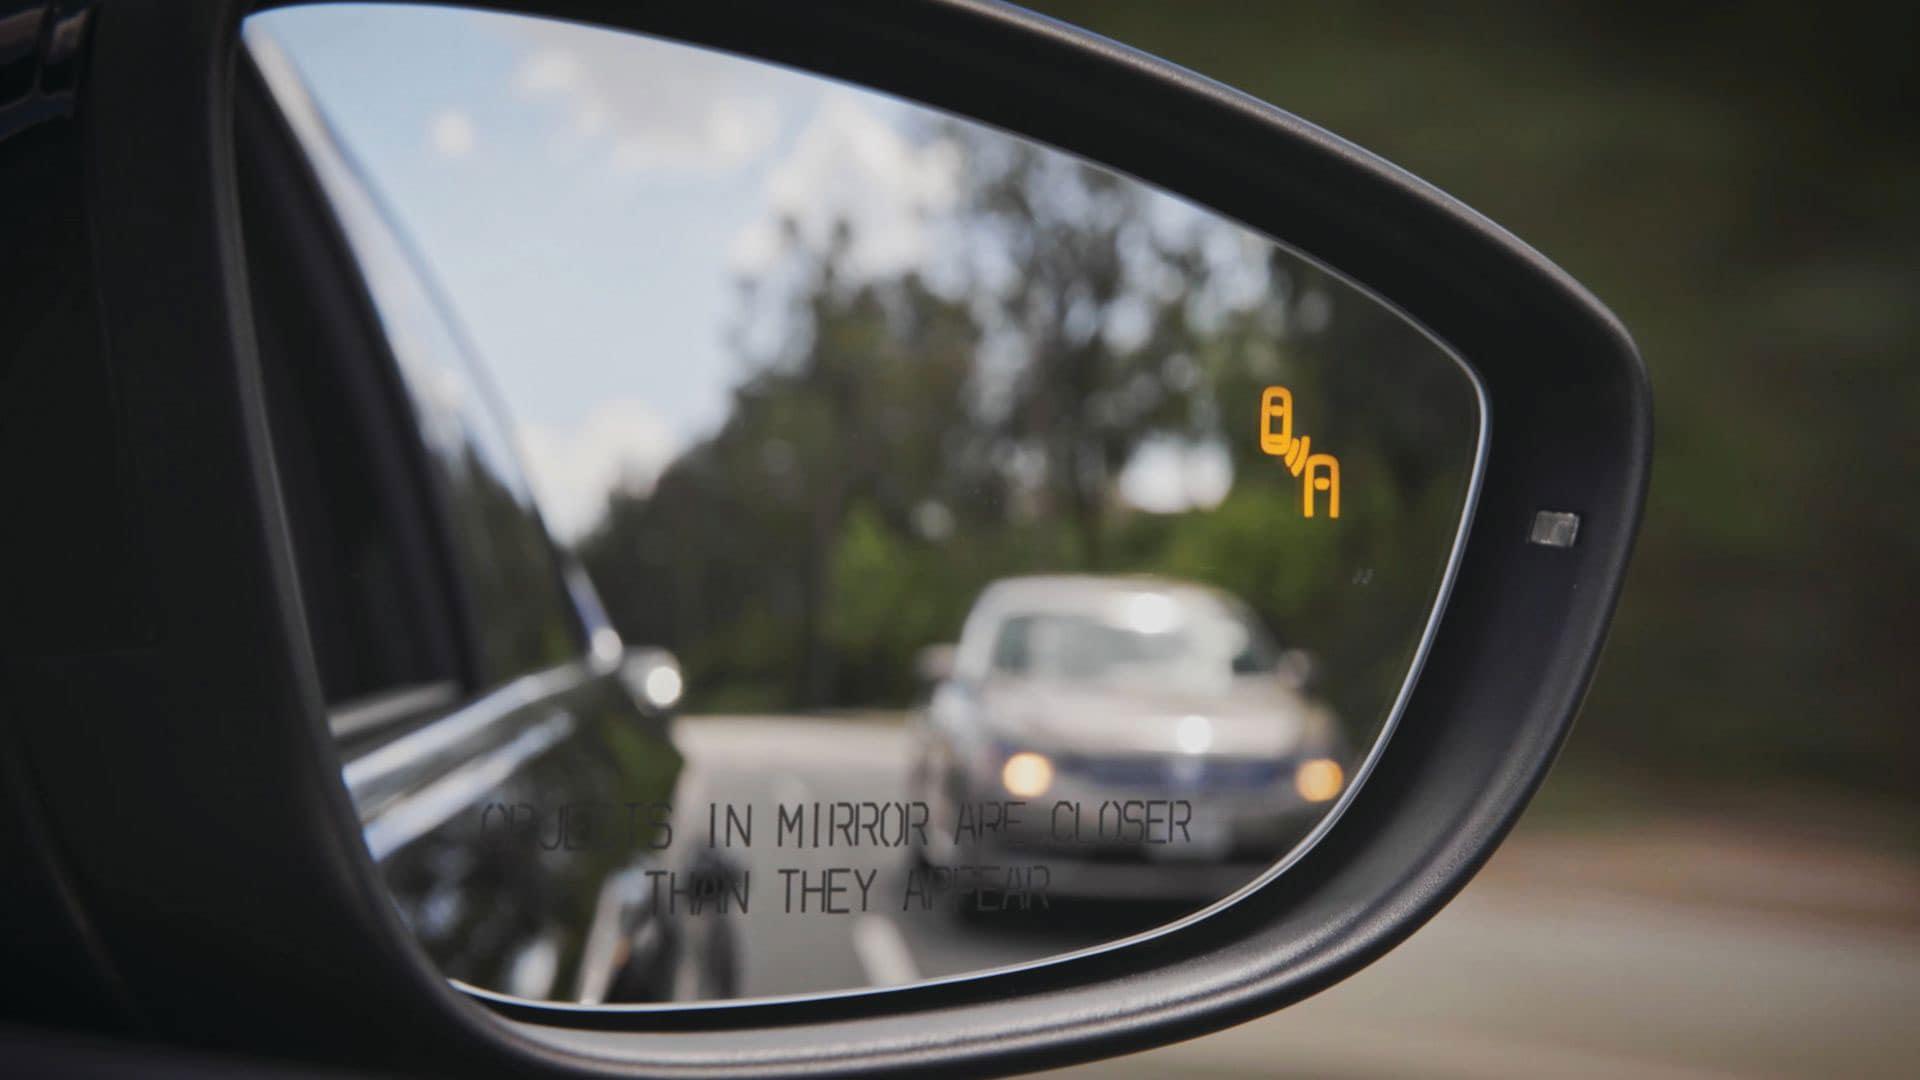 2019 VW Passat blind spot detection